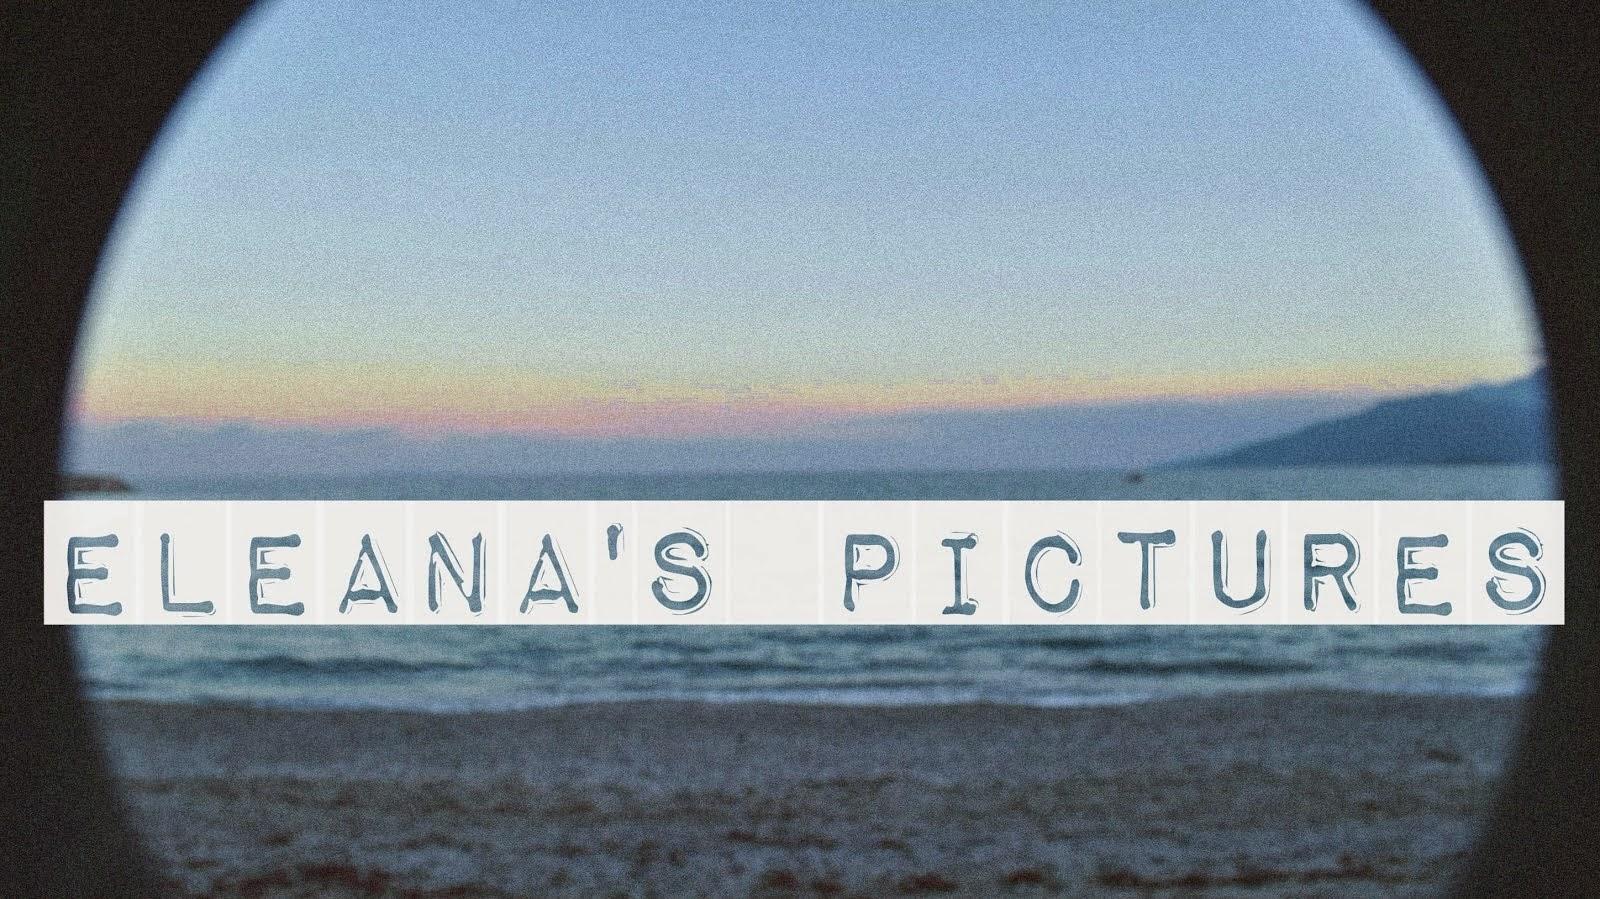 Eleana's Pictures